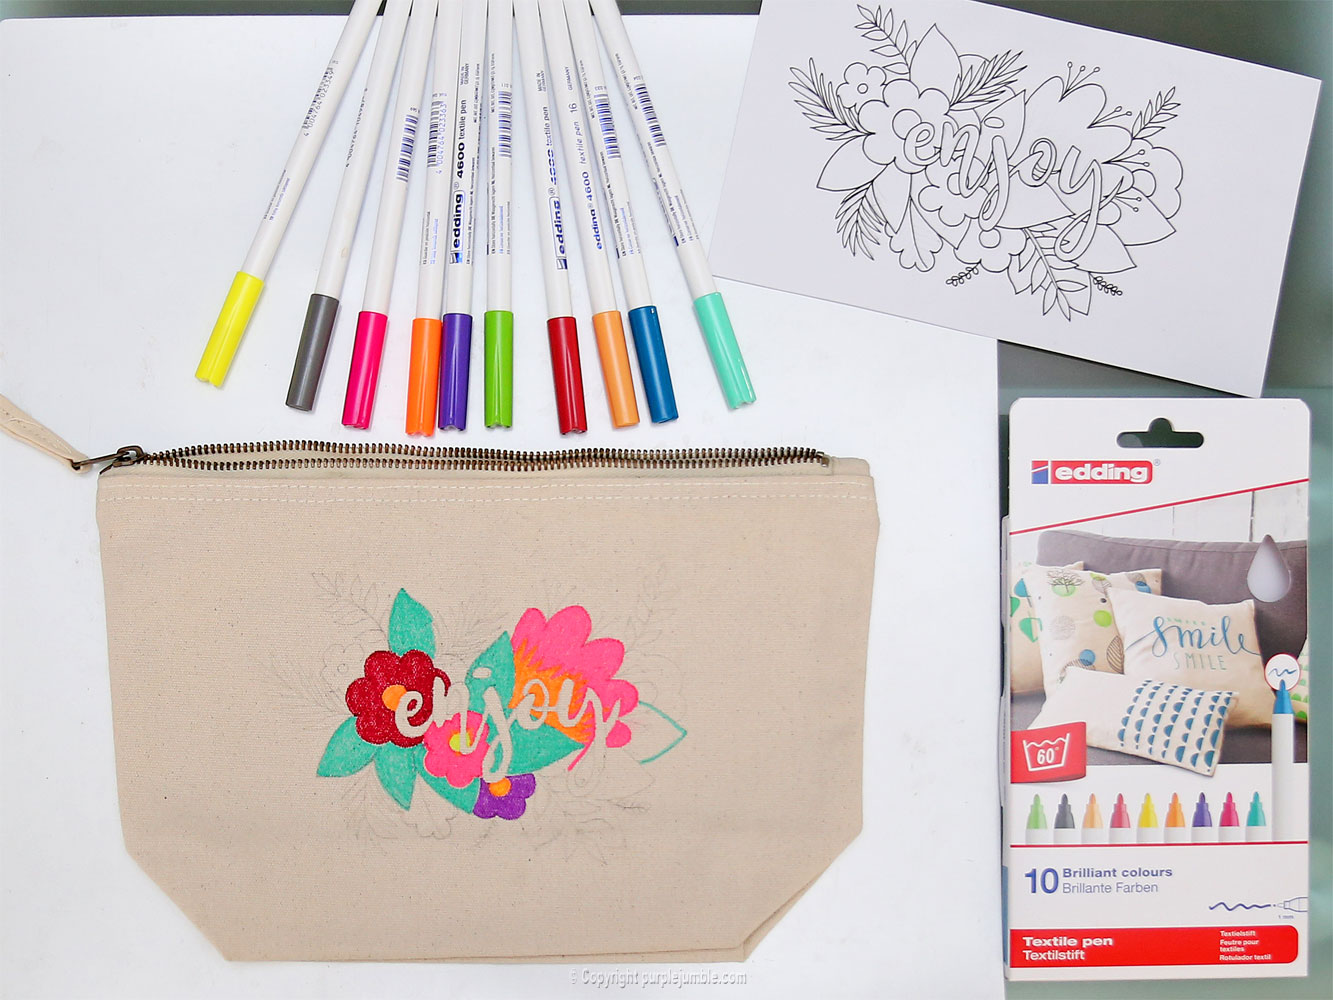 diy pochette feutres textile coloriage